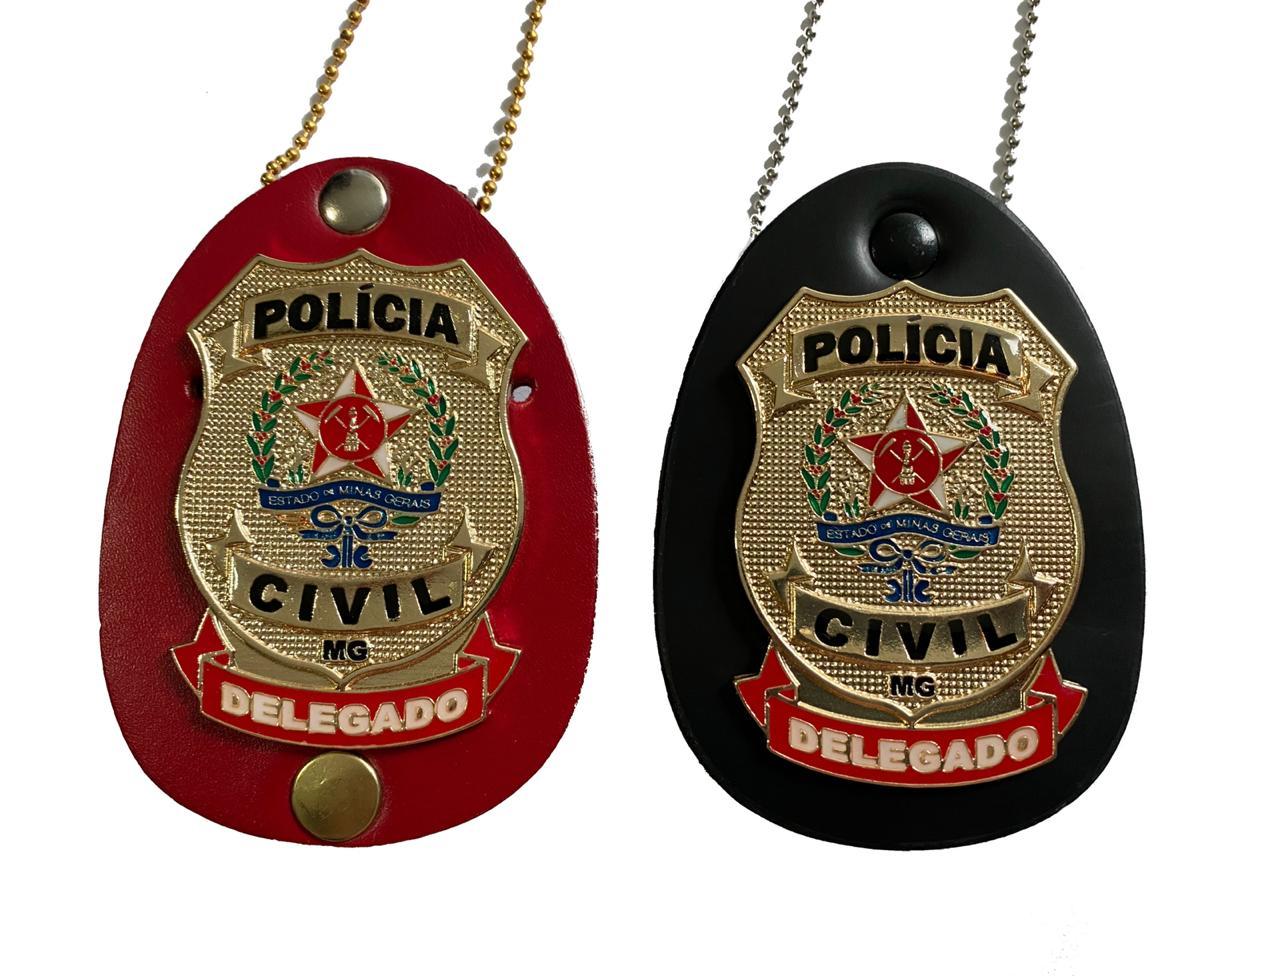 POLÍCIA CIVIL DE MINAS GERAIS DELEGADO MOD NOVO